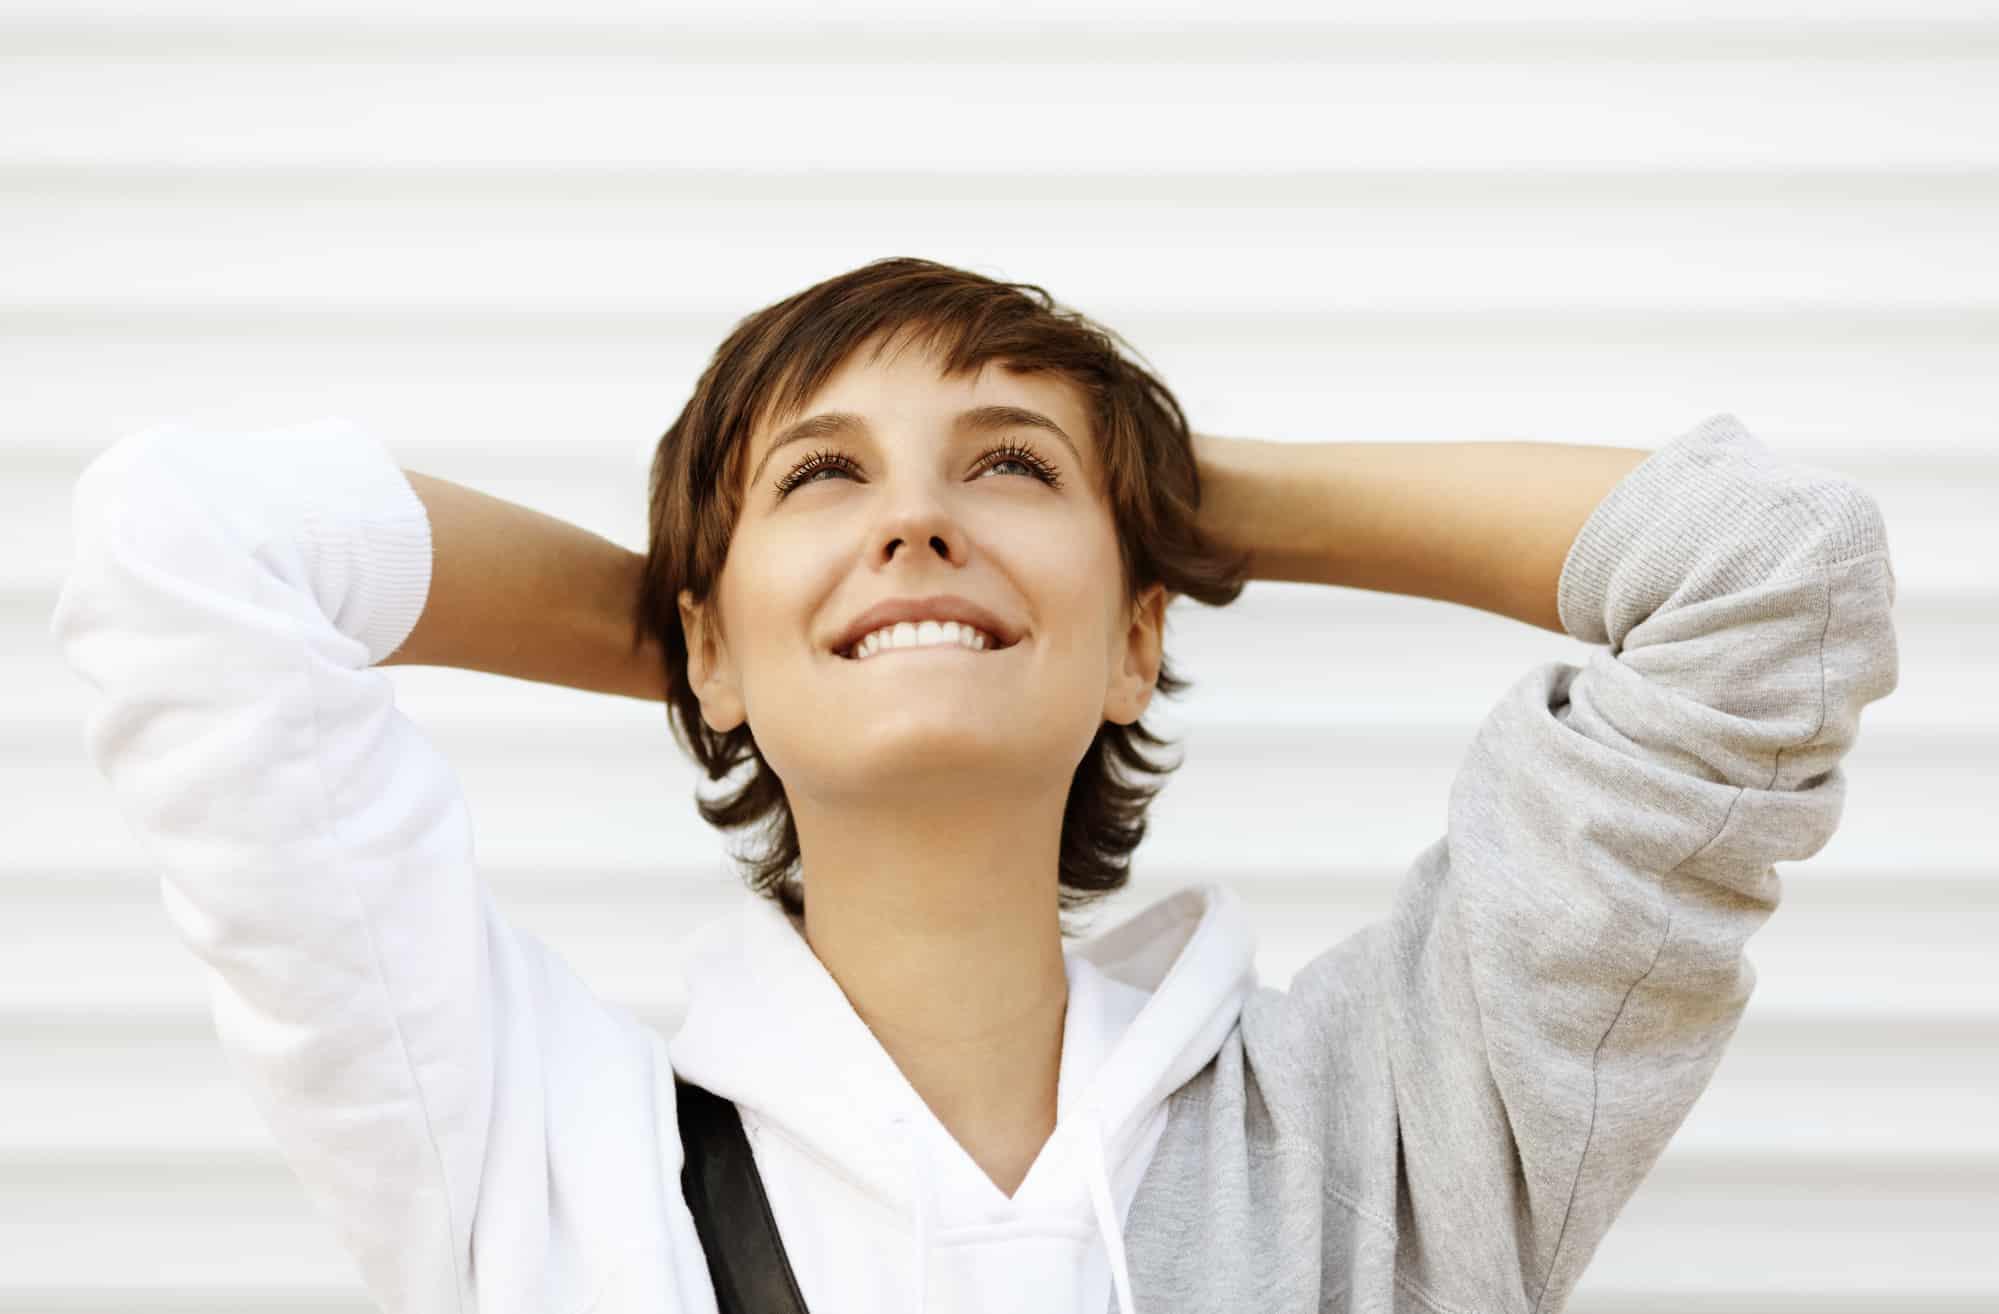 Positiv Denken Mit Diesen 12 Ubungen Und Tipps Lernst Du Optimismus